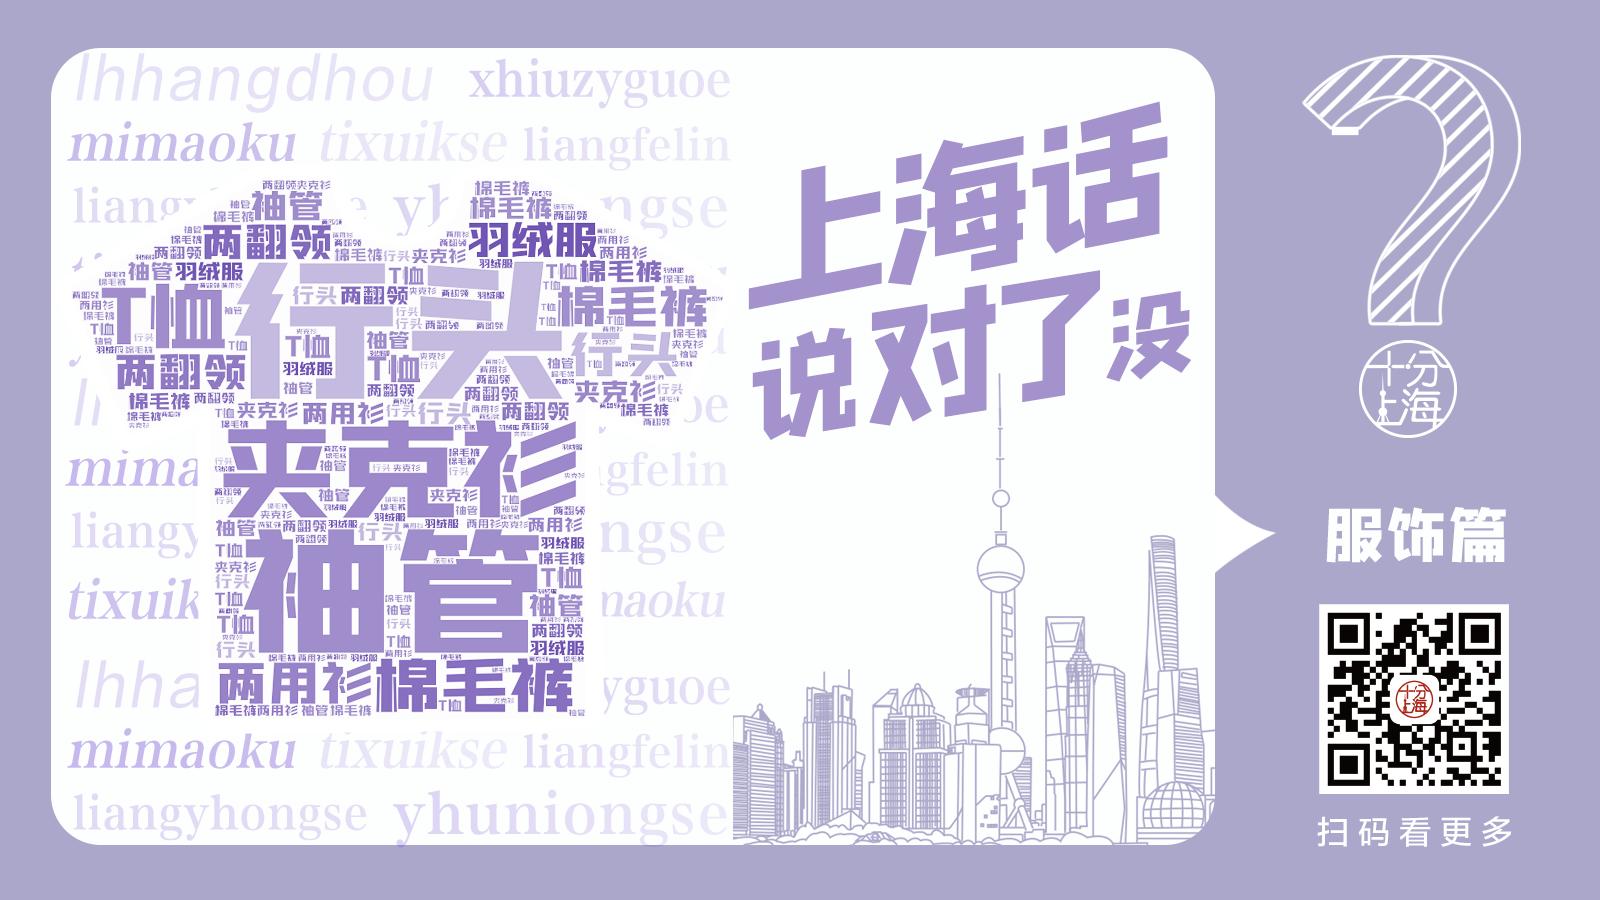 暖似阳春!今明两天上海最高24℃;中文正式成为联合国世界旅游组织官方语言| 新民早报[2021.2.21]